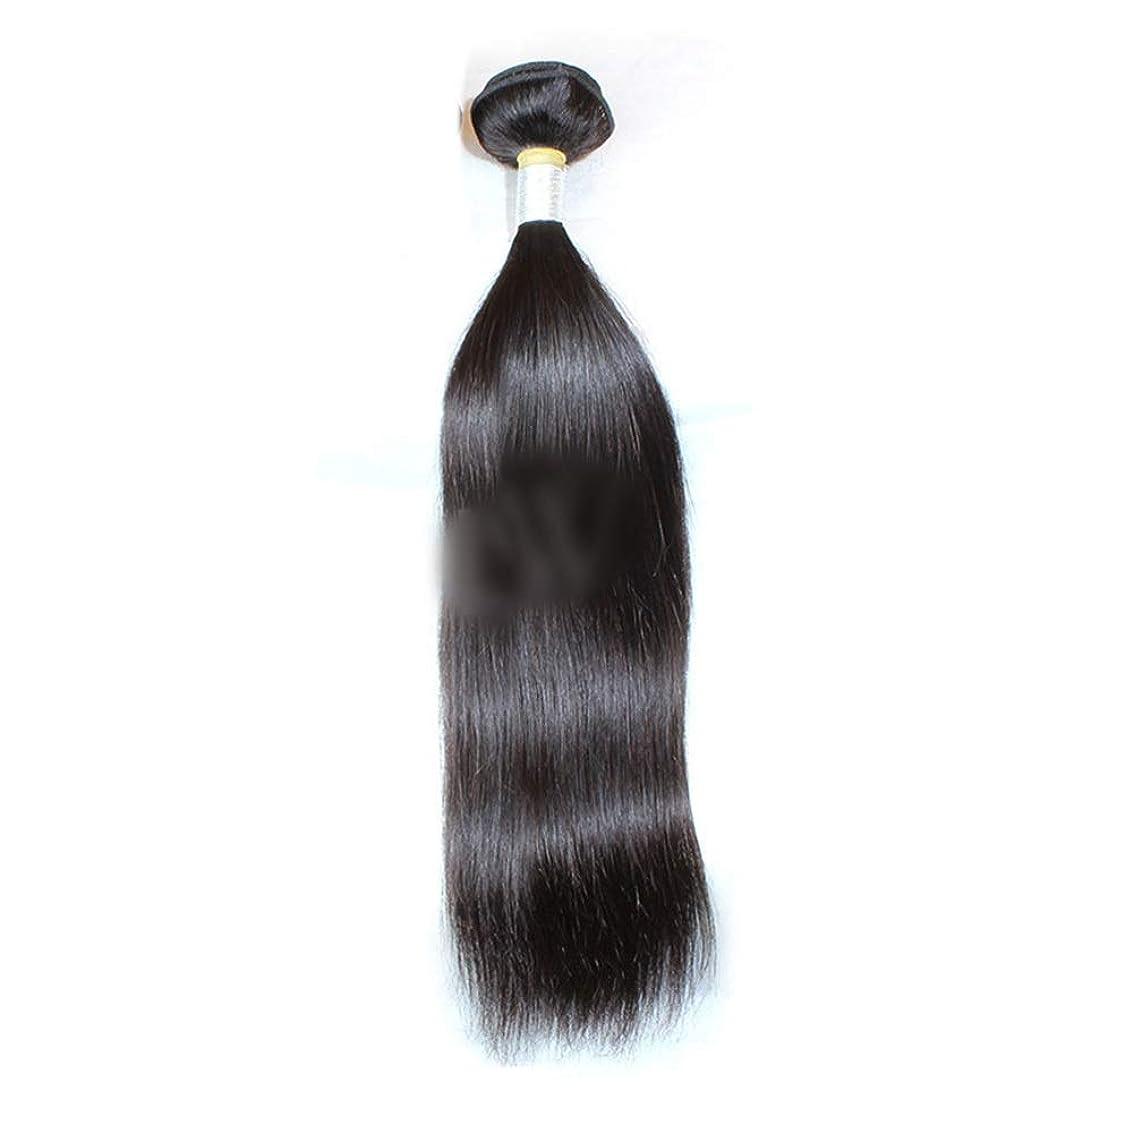 低下スタイルエスカレートHOHYLLYA ストレートヘアバンドル1バンドルペルーバージンヘアナチュラルカラーストレート人間の髪の毛ロールプレイングかつら女性の自然なかつら (色 : 黒, サイズ : 16 inch)